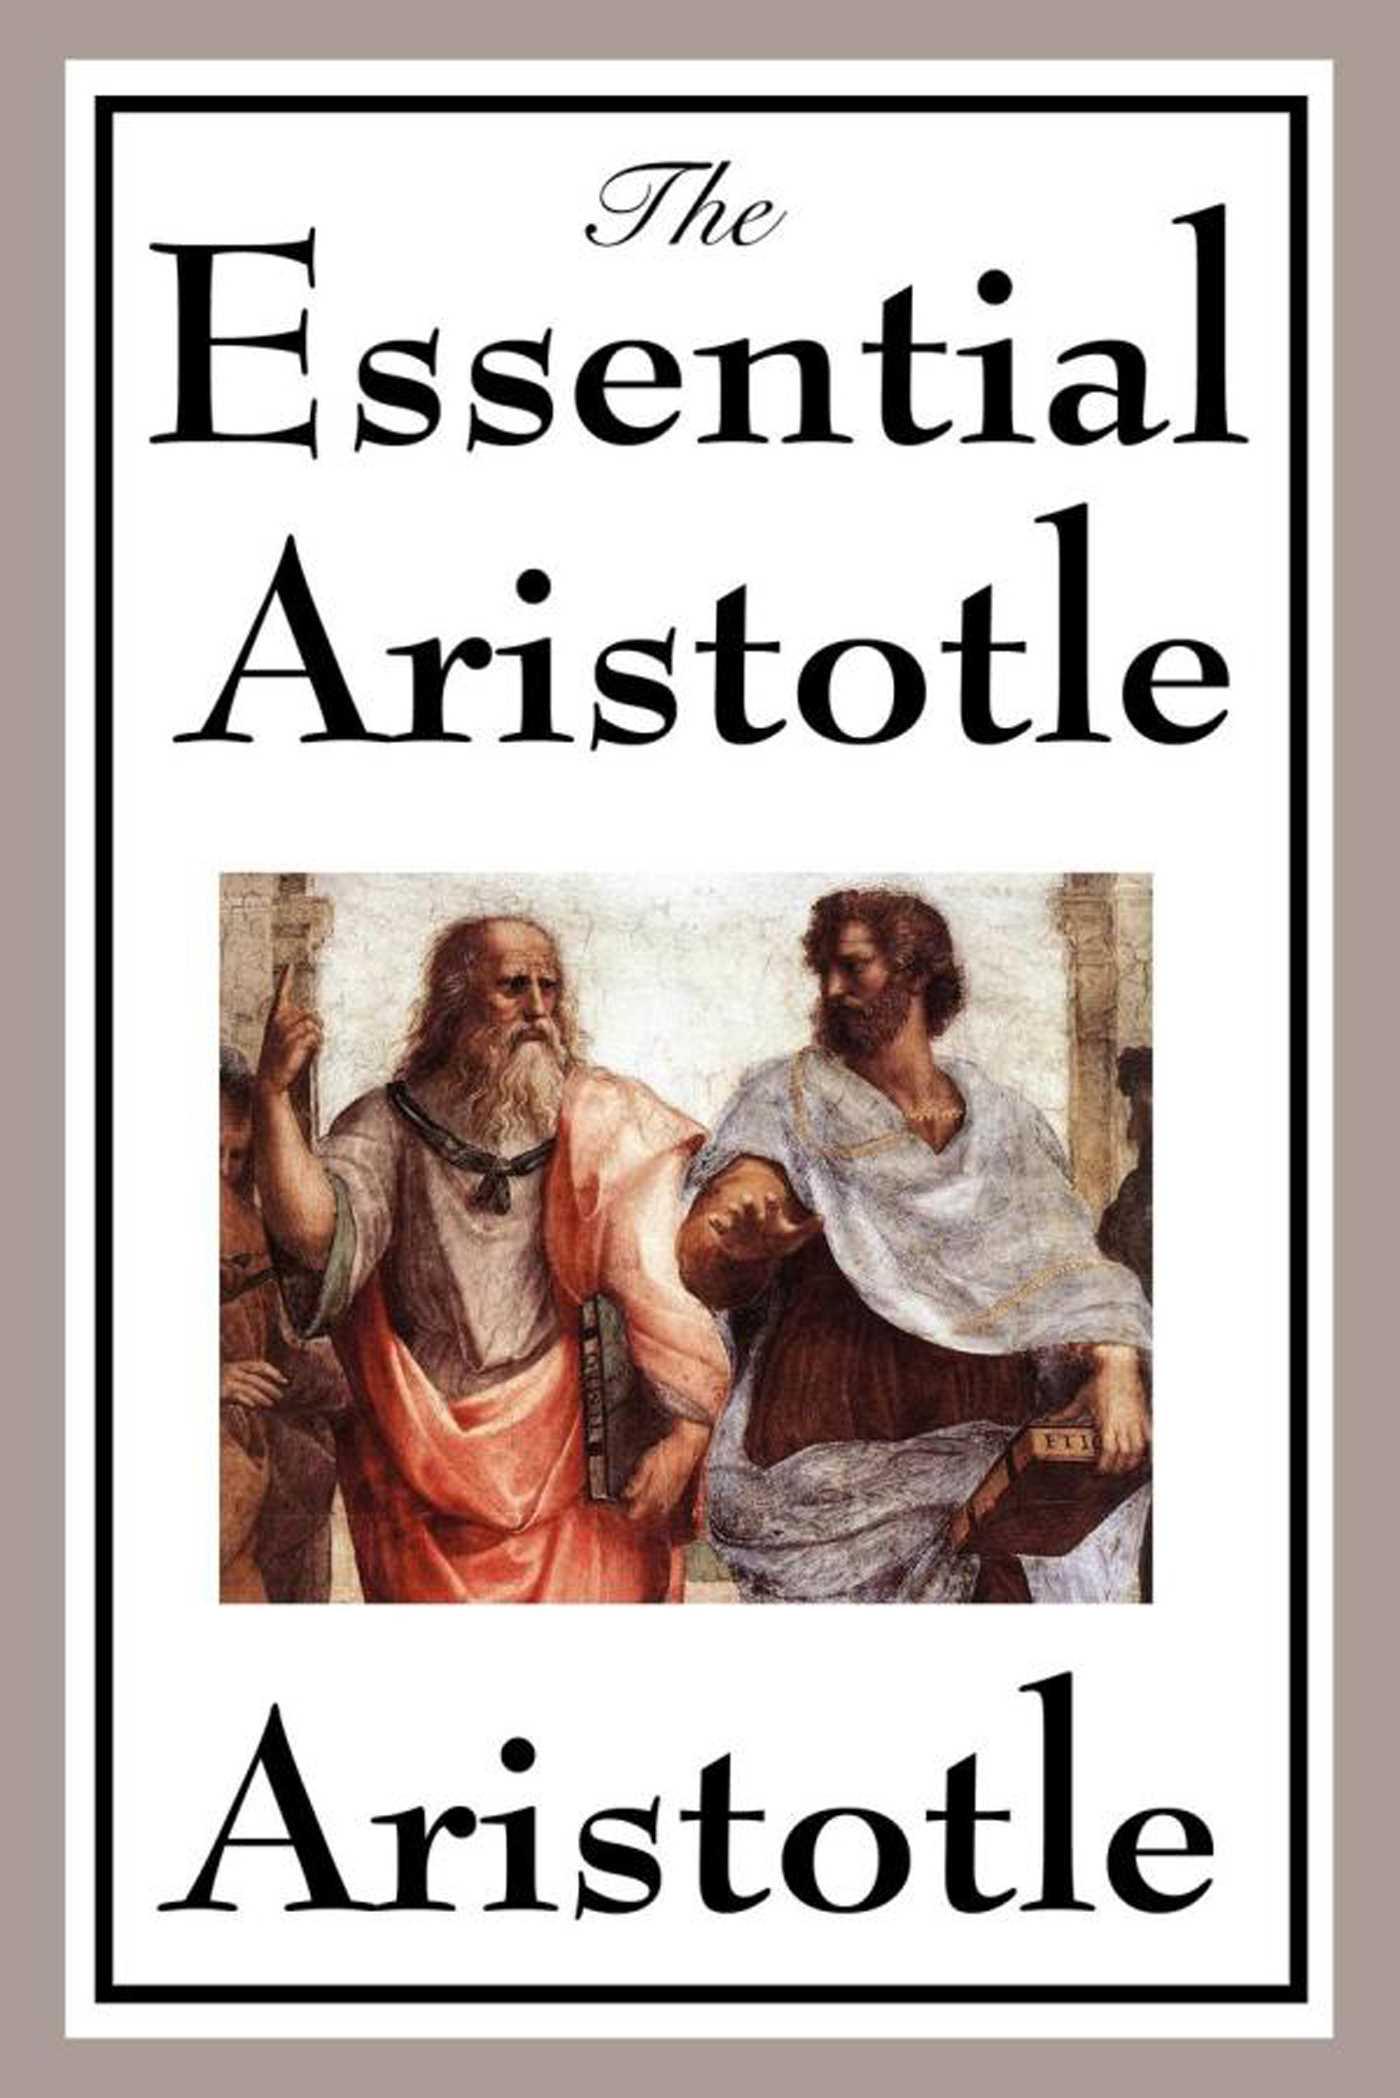 The essential aristotle 9781625582645 hr